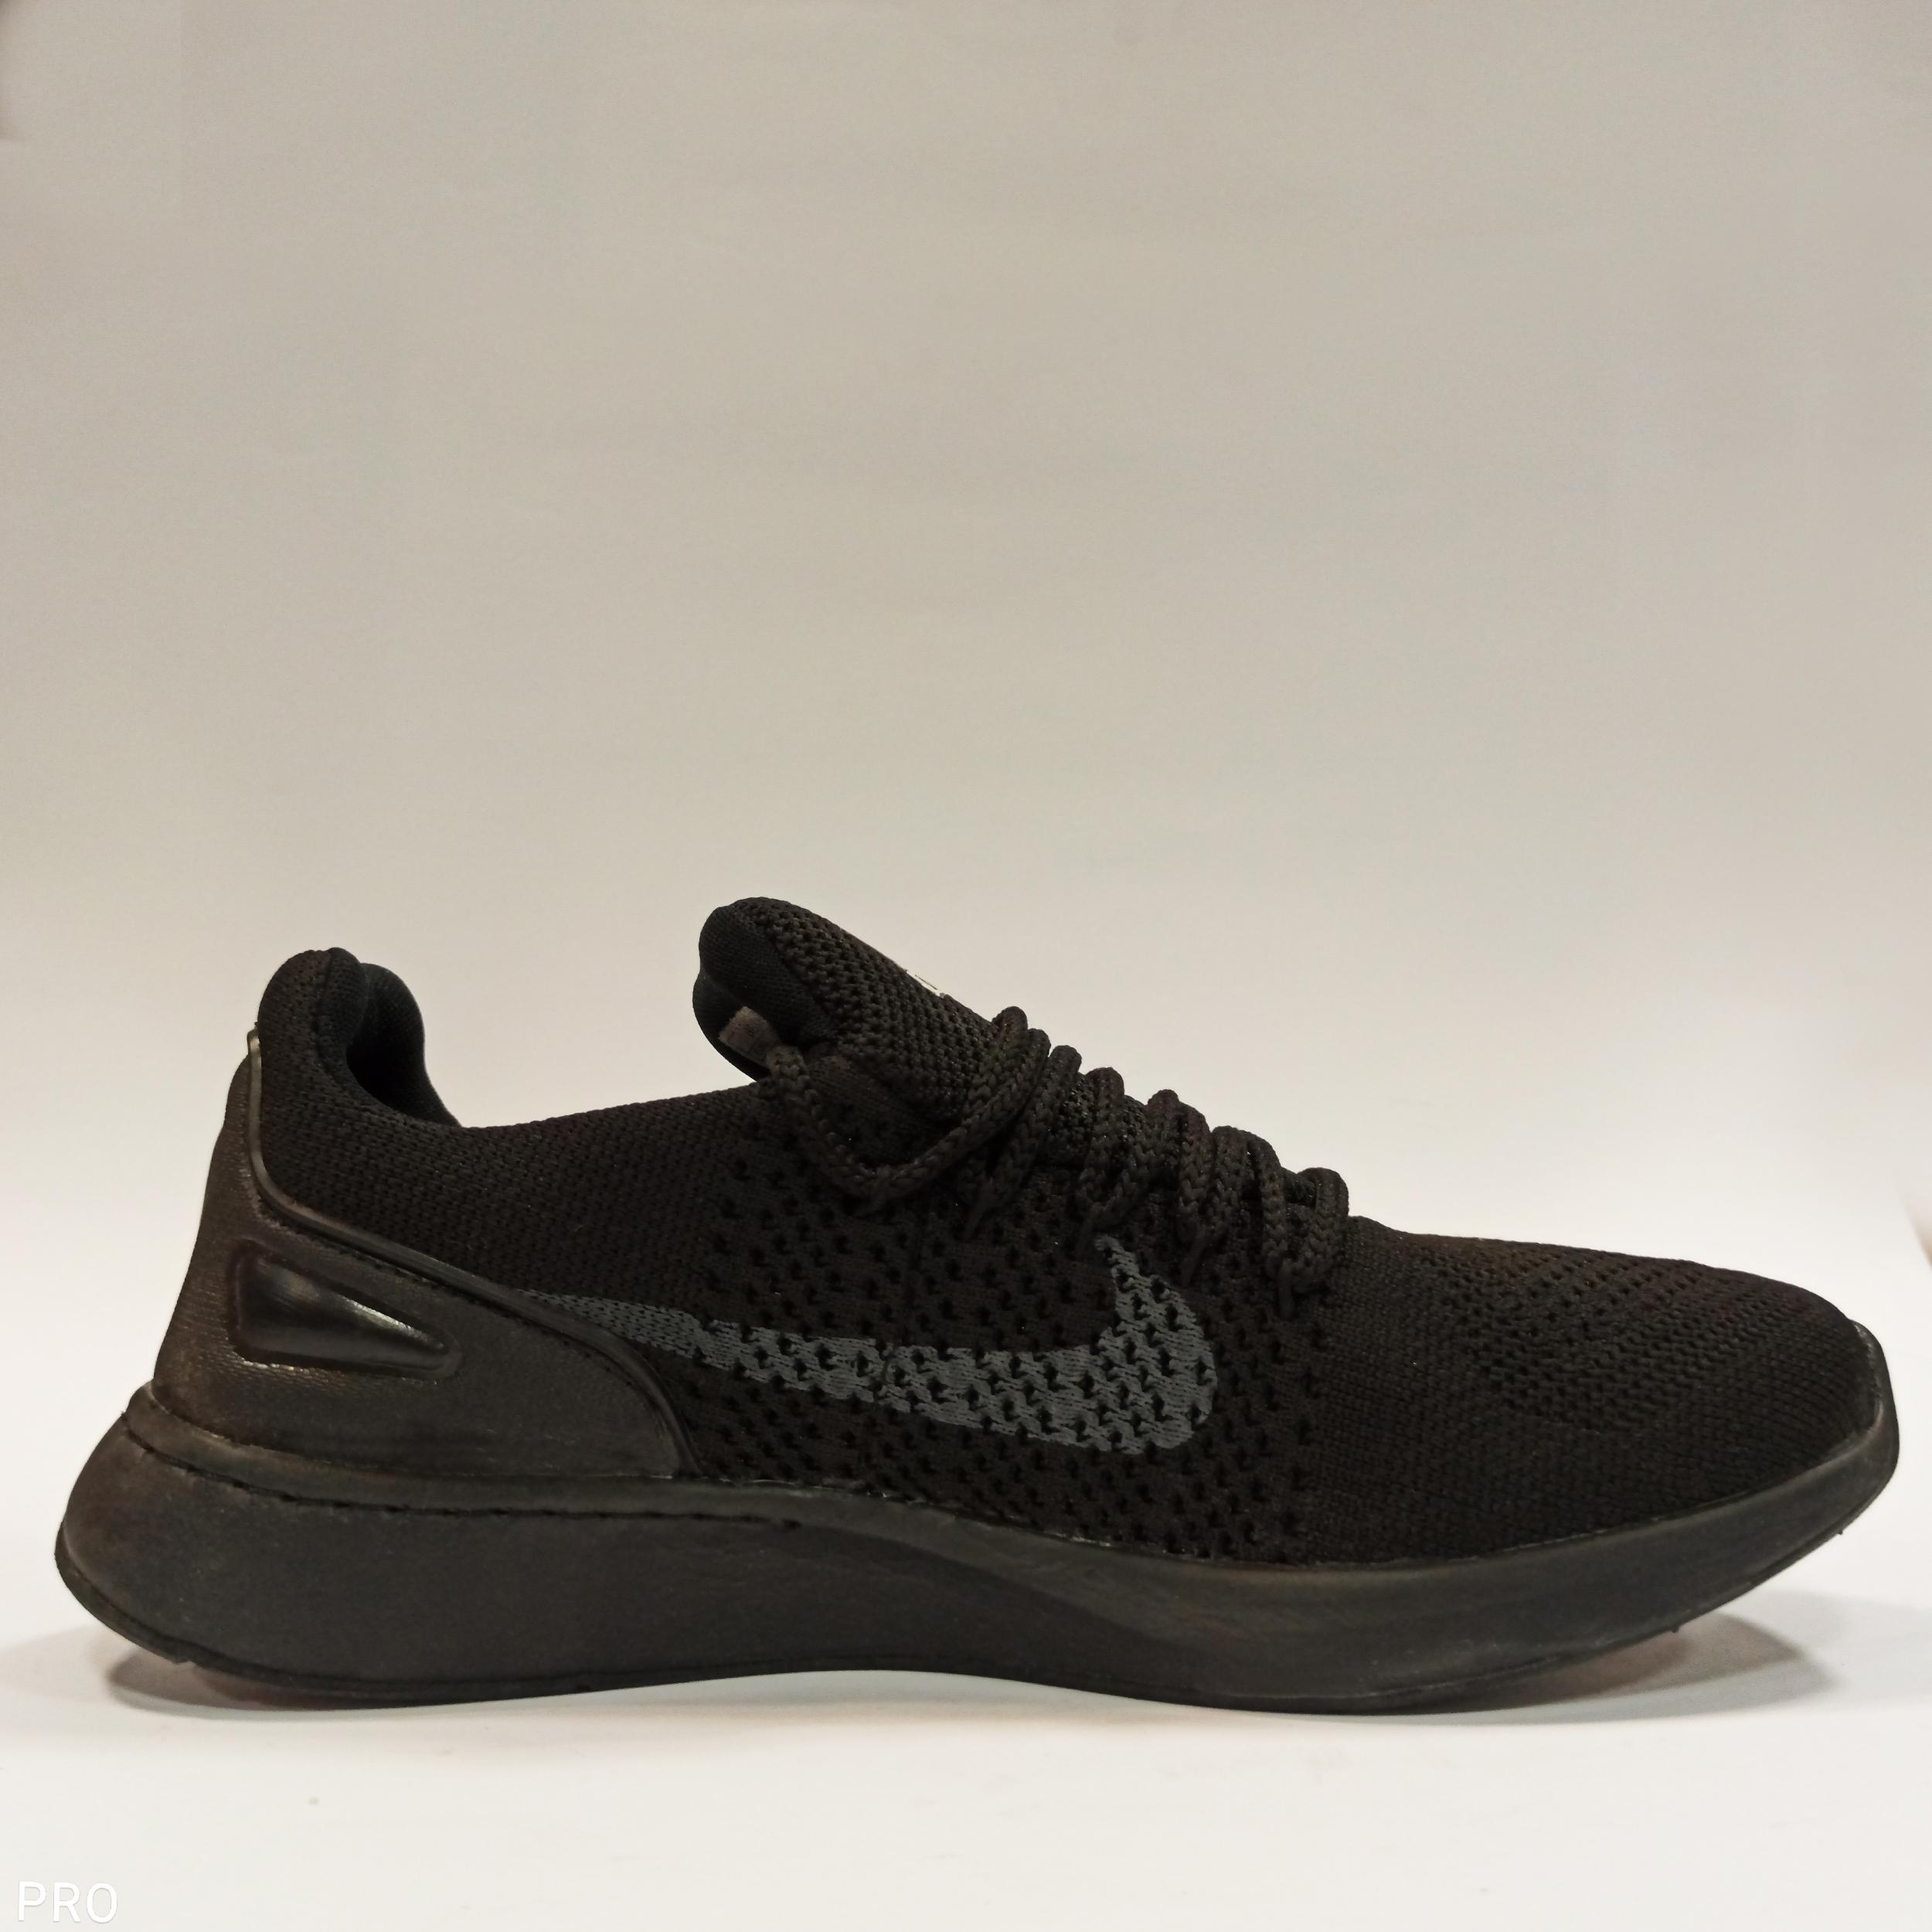 کفش پیاده روی مردانه مدل RC1 main 1 1